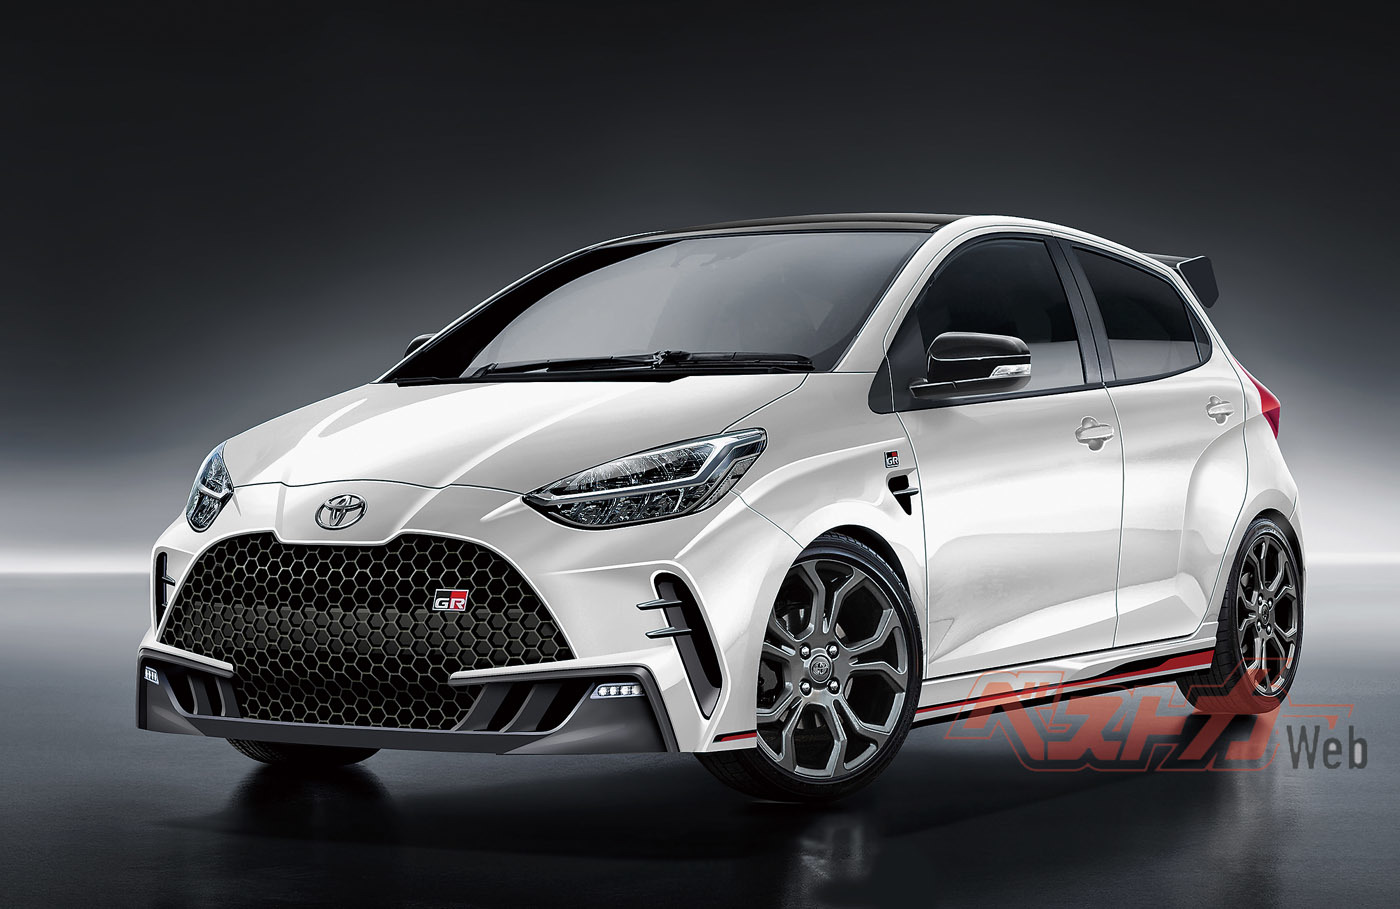 スポーツモデルの「GR」仕様は新開発の1.6L直3ターボを搭載。ワイドフェンダーを採用して3ナンバーサイズになる。WRC(世界ラリー選手権)に参戦するヤリスが、新型では「そのイメージ」を色濃く反映したモデルとなる